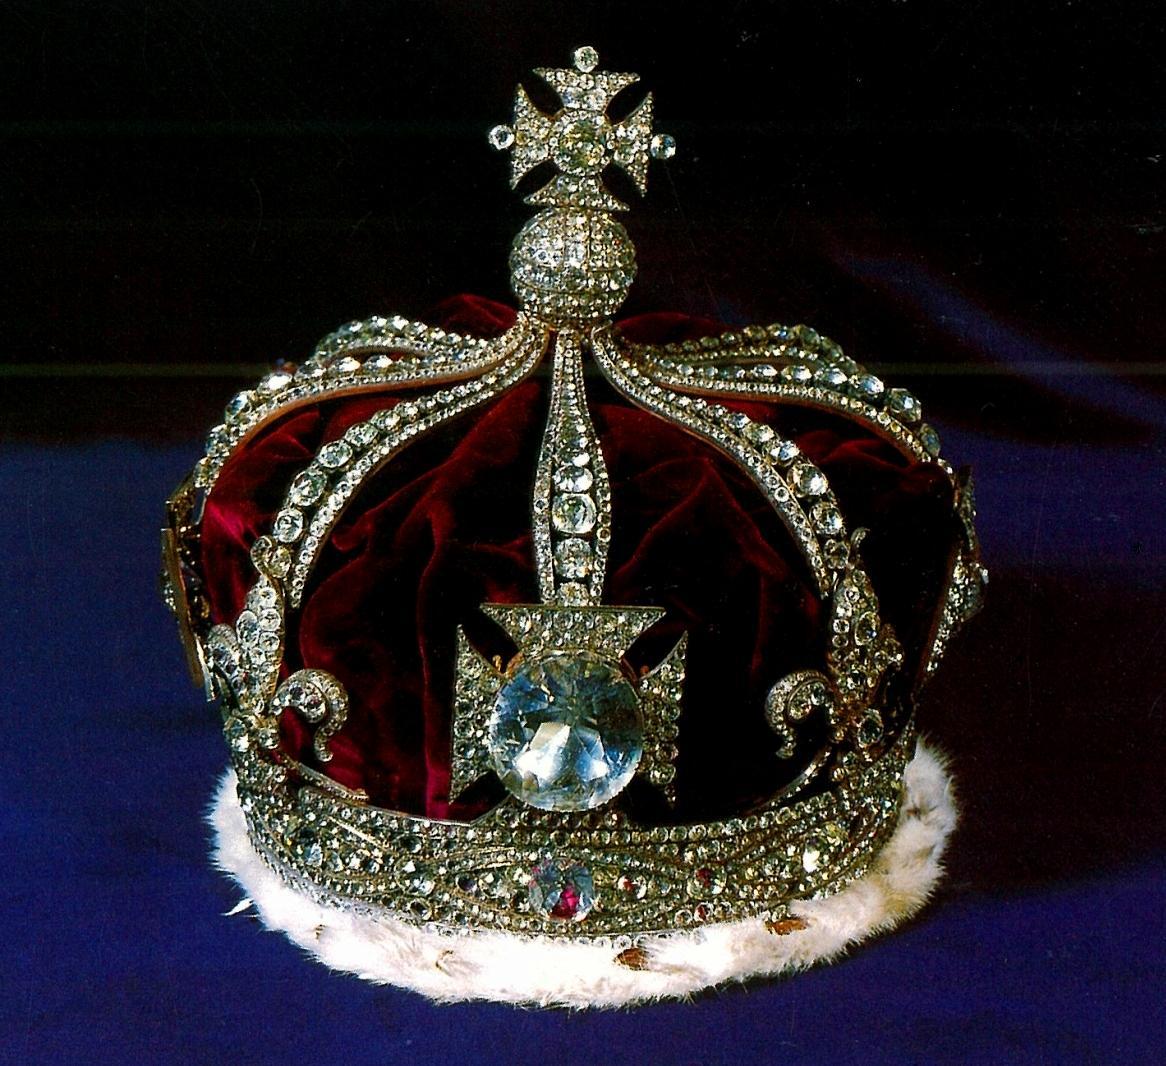 kohinoor-diamond-queen-elizabeths-crown